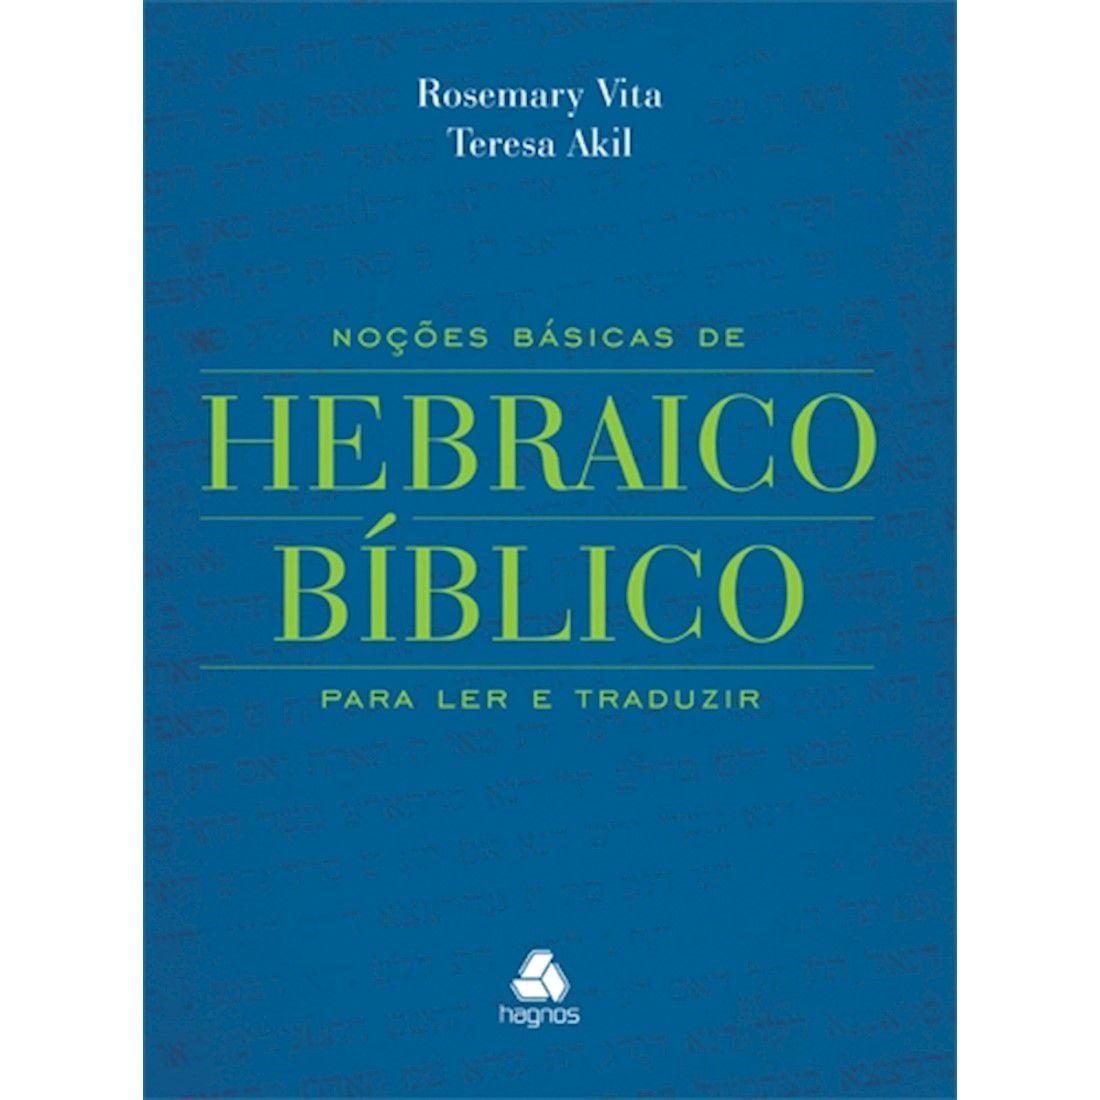 Livro Noções Básicas de Hebraico Bíblico - Produto Reembalado